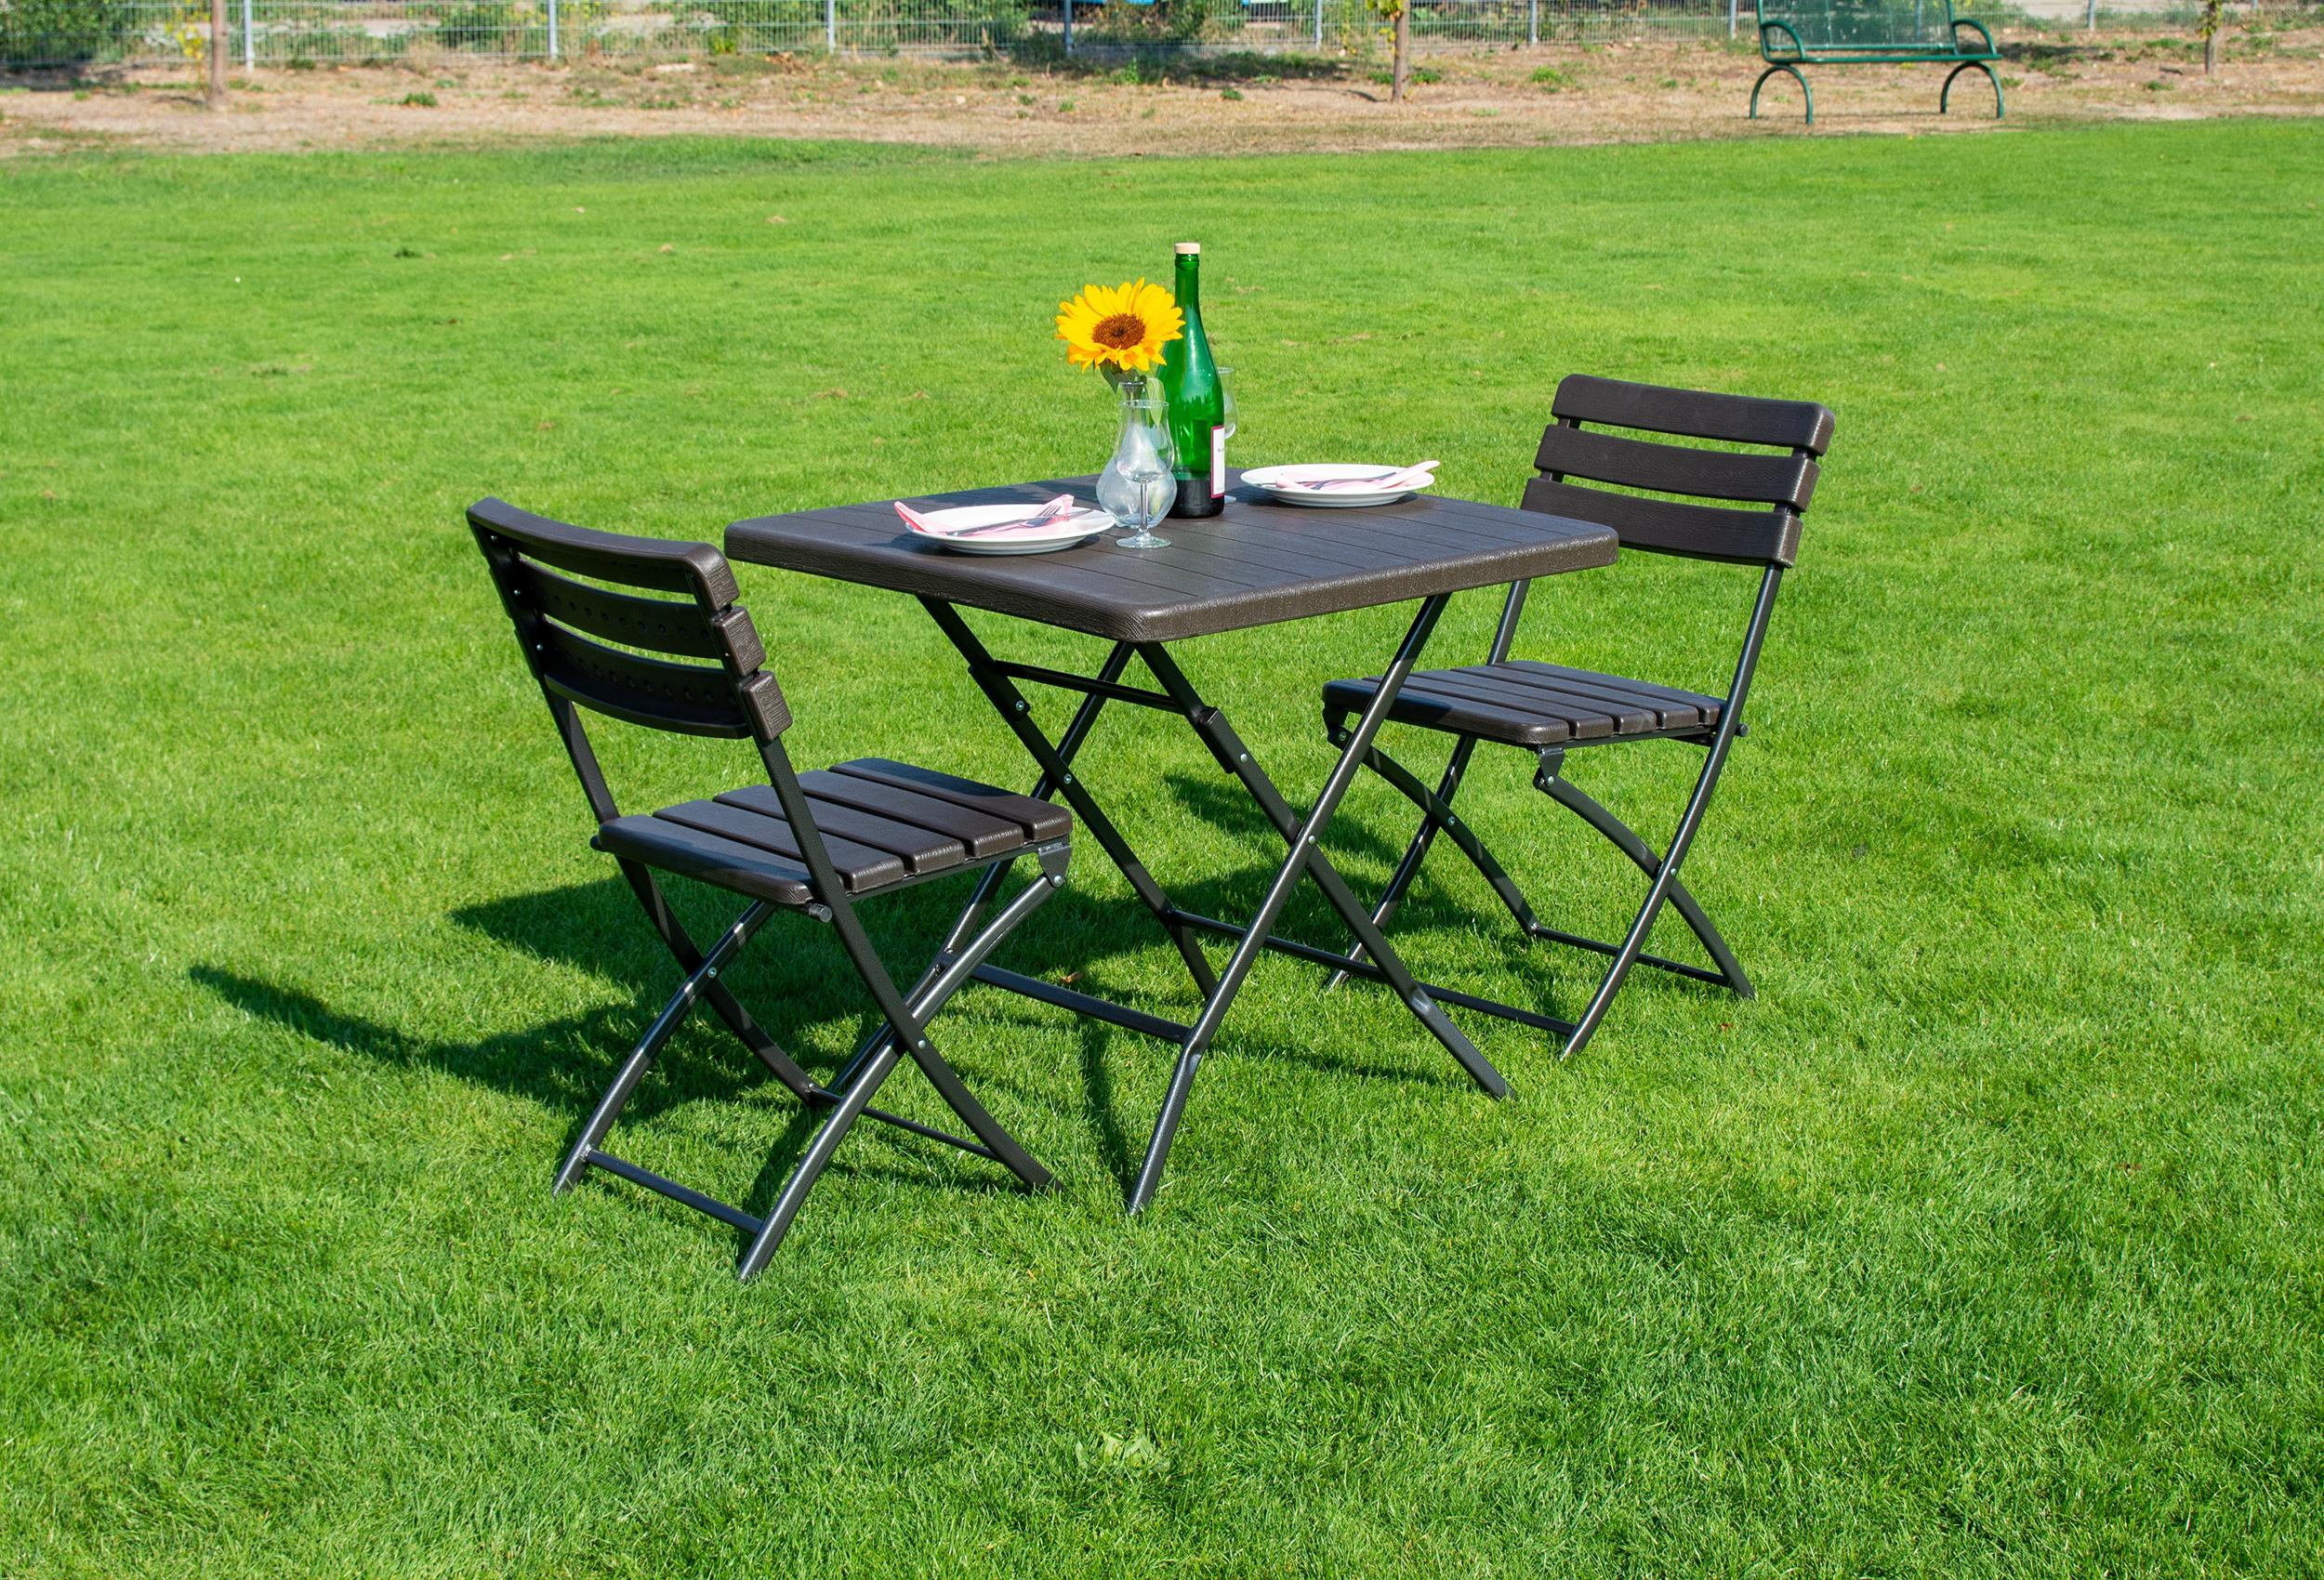 klapptisch bavariapro 78x78 cm mit 2 st hlen braun. Black Bedroom Furniture Sets. Home Design Ideas